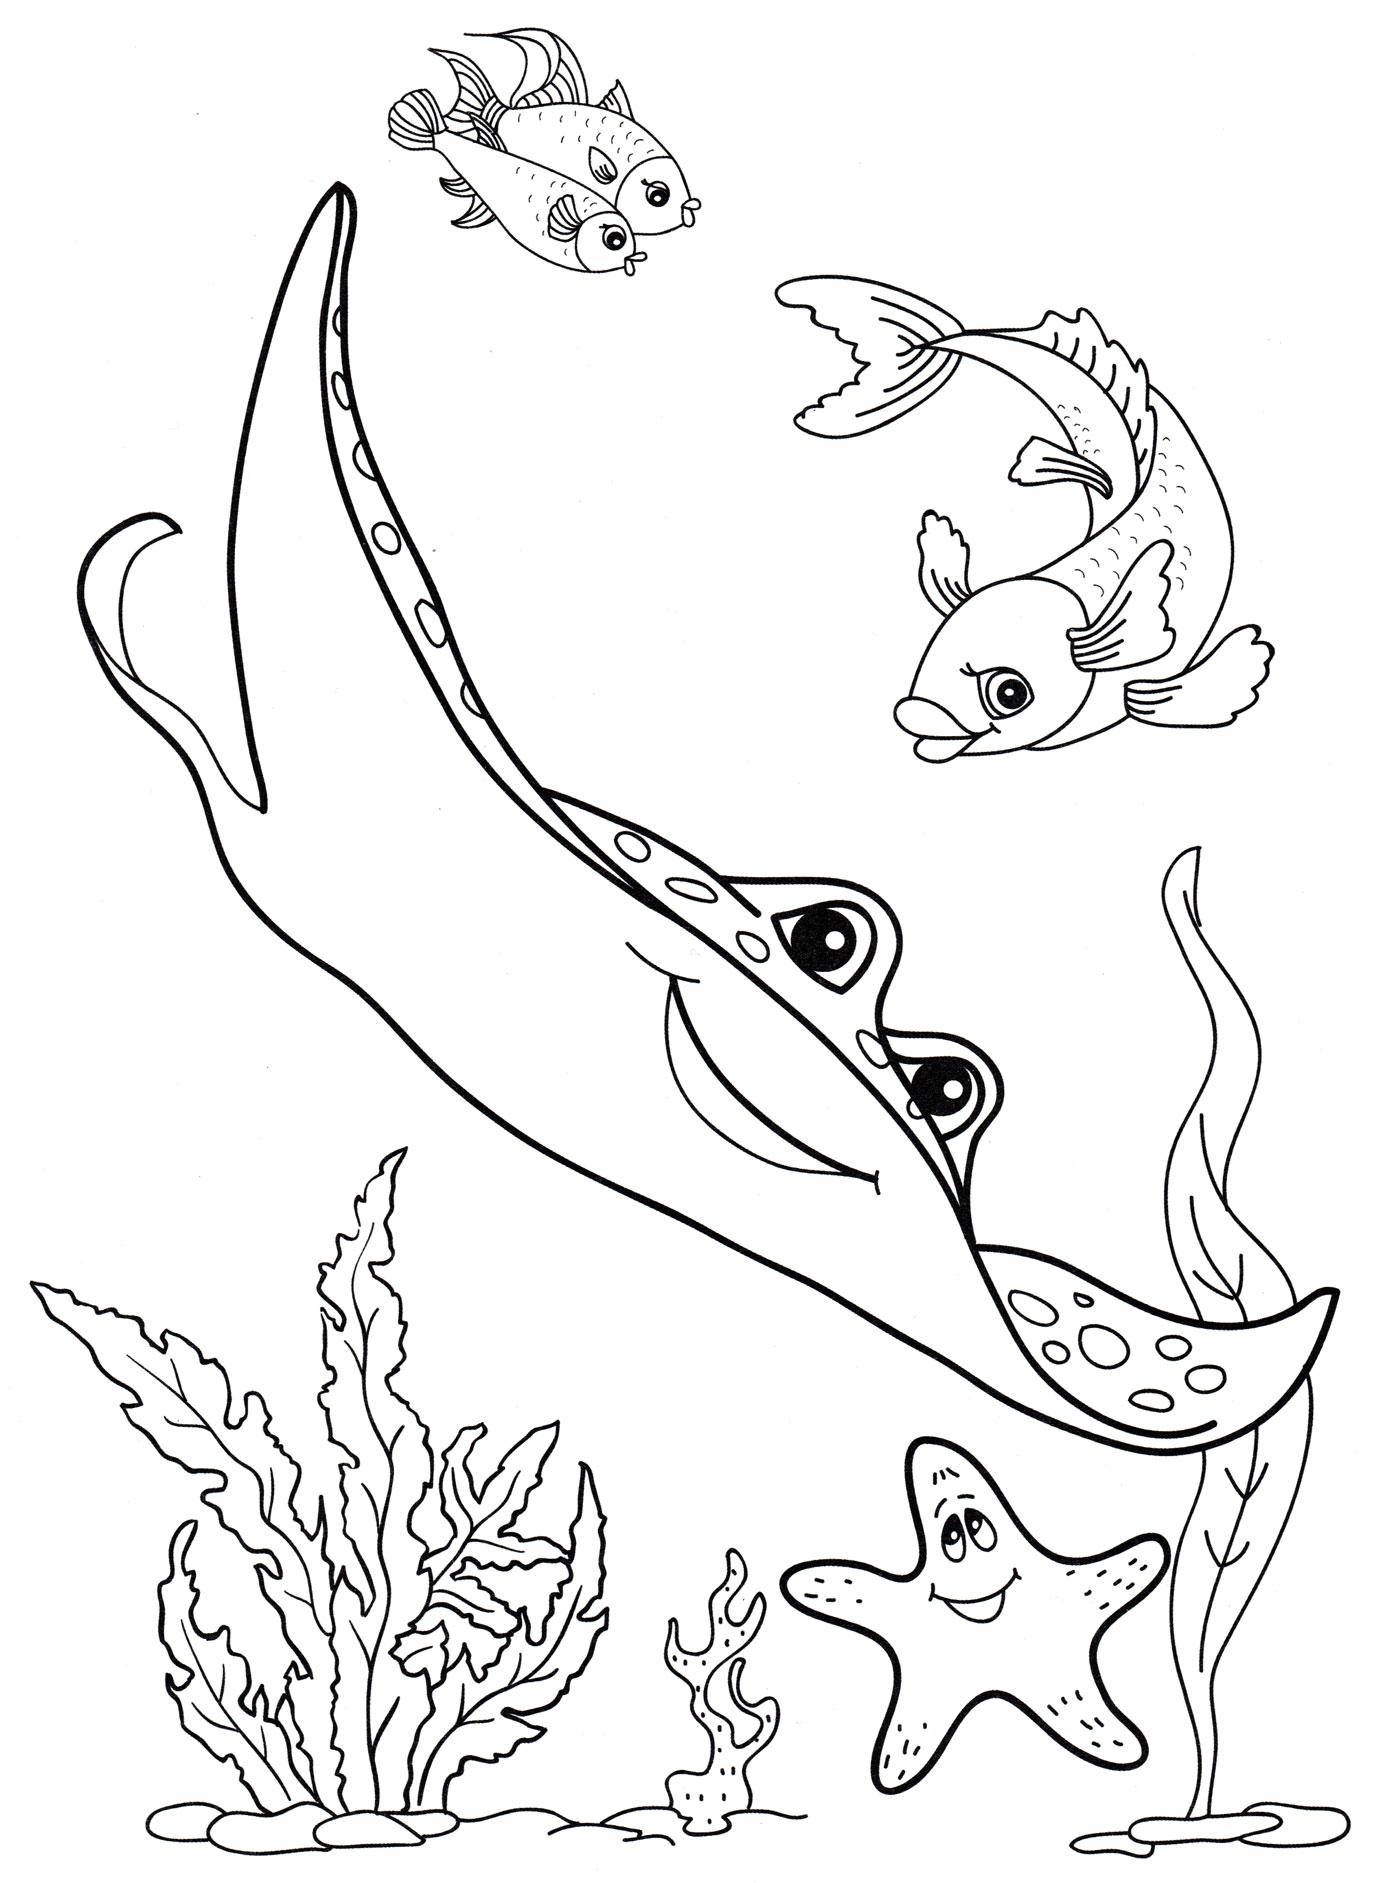 существуют виды картинки раскраски животный мир морей и океанов этом конверте были